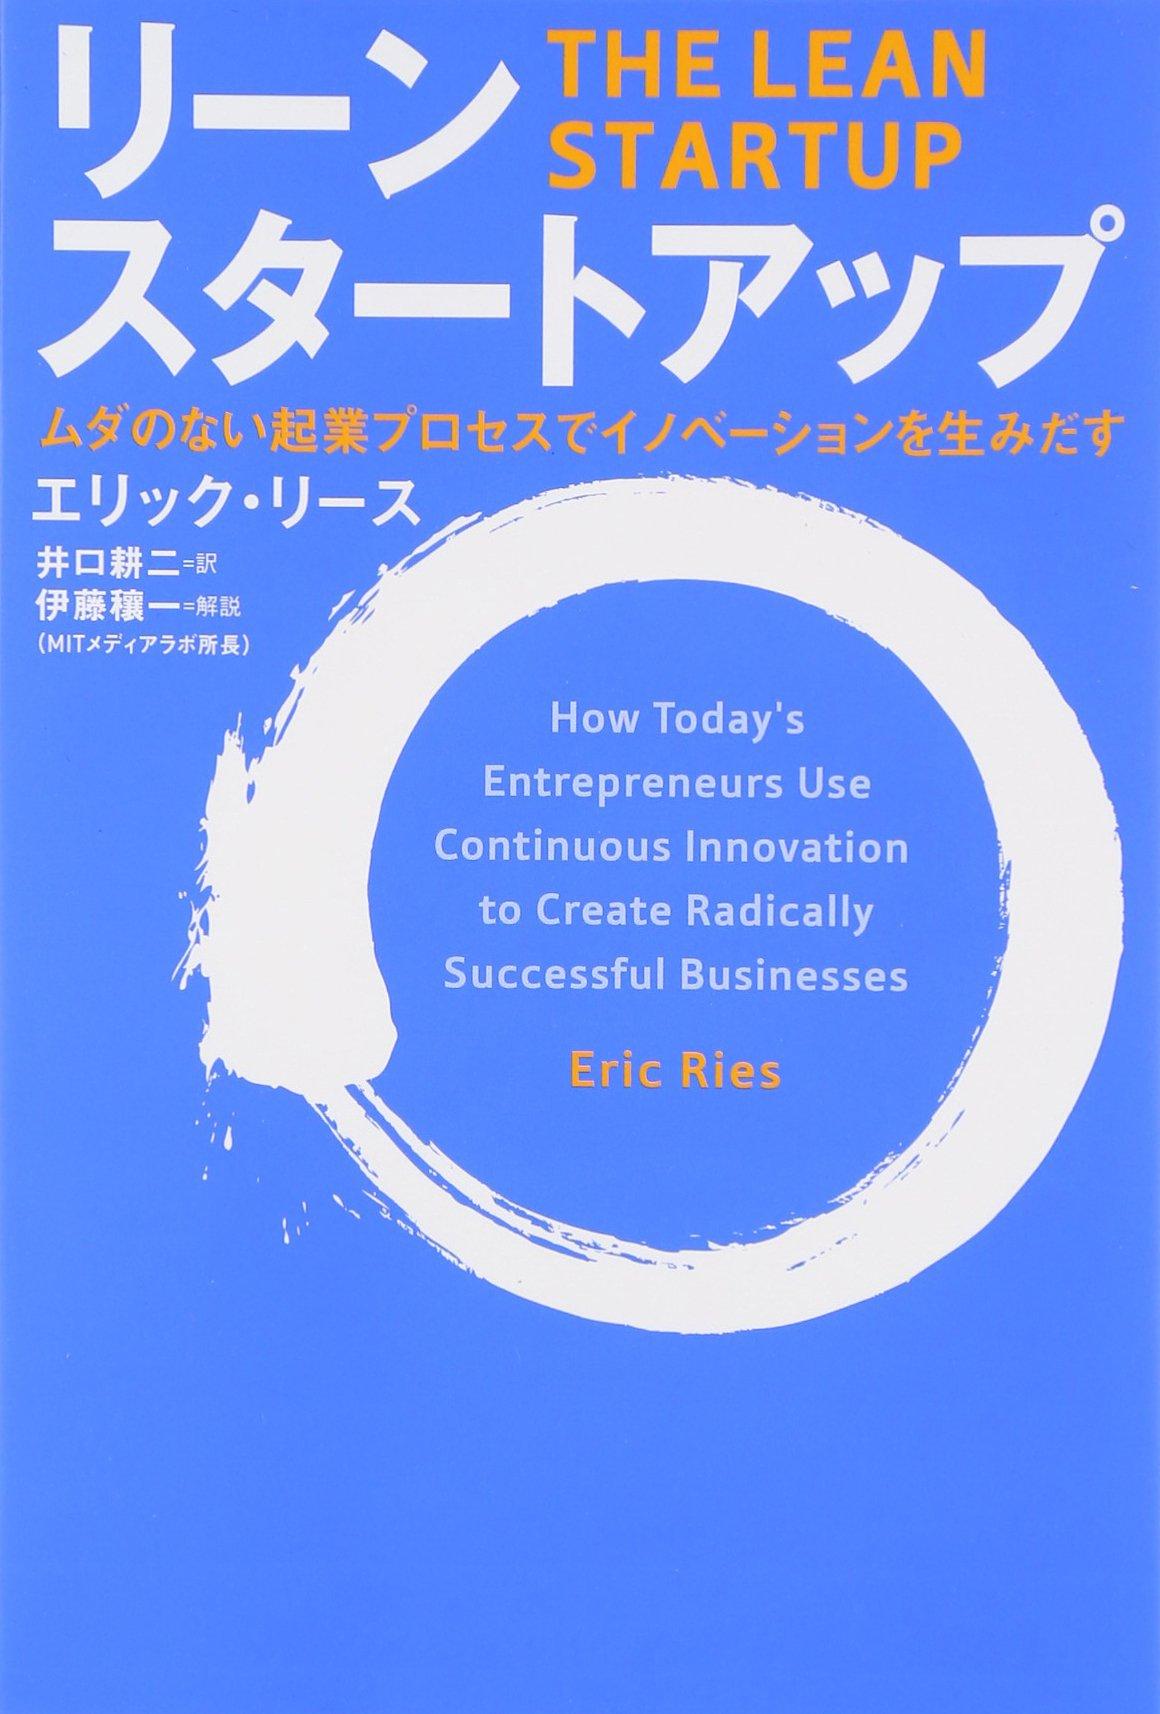 エリック・リース(2012)『リーン・スタートアップ』日経BP